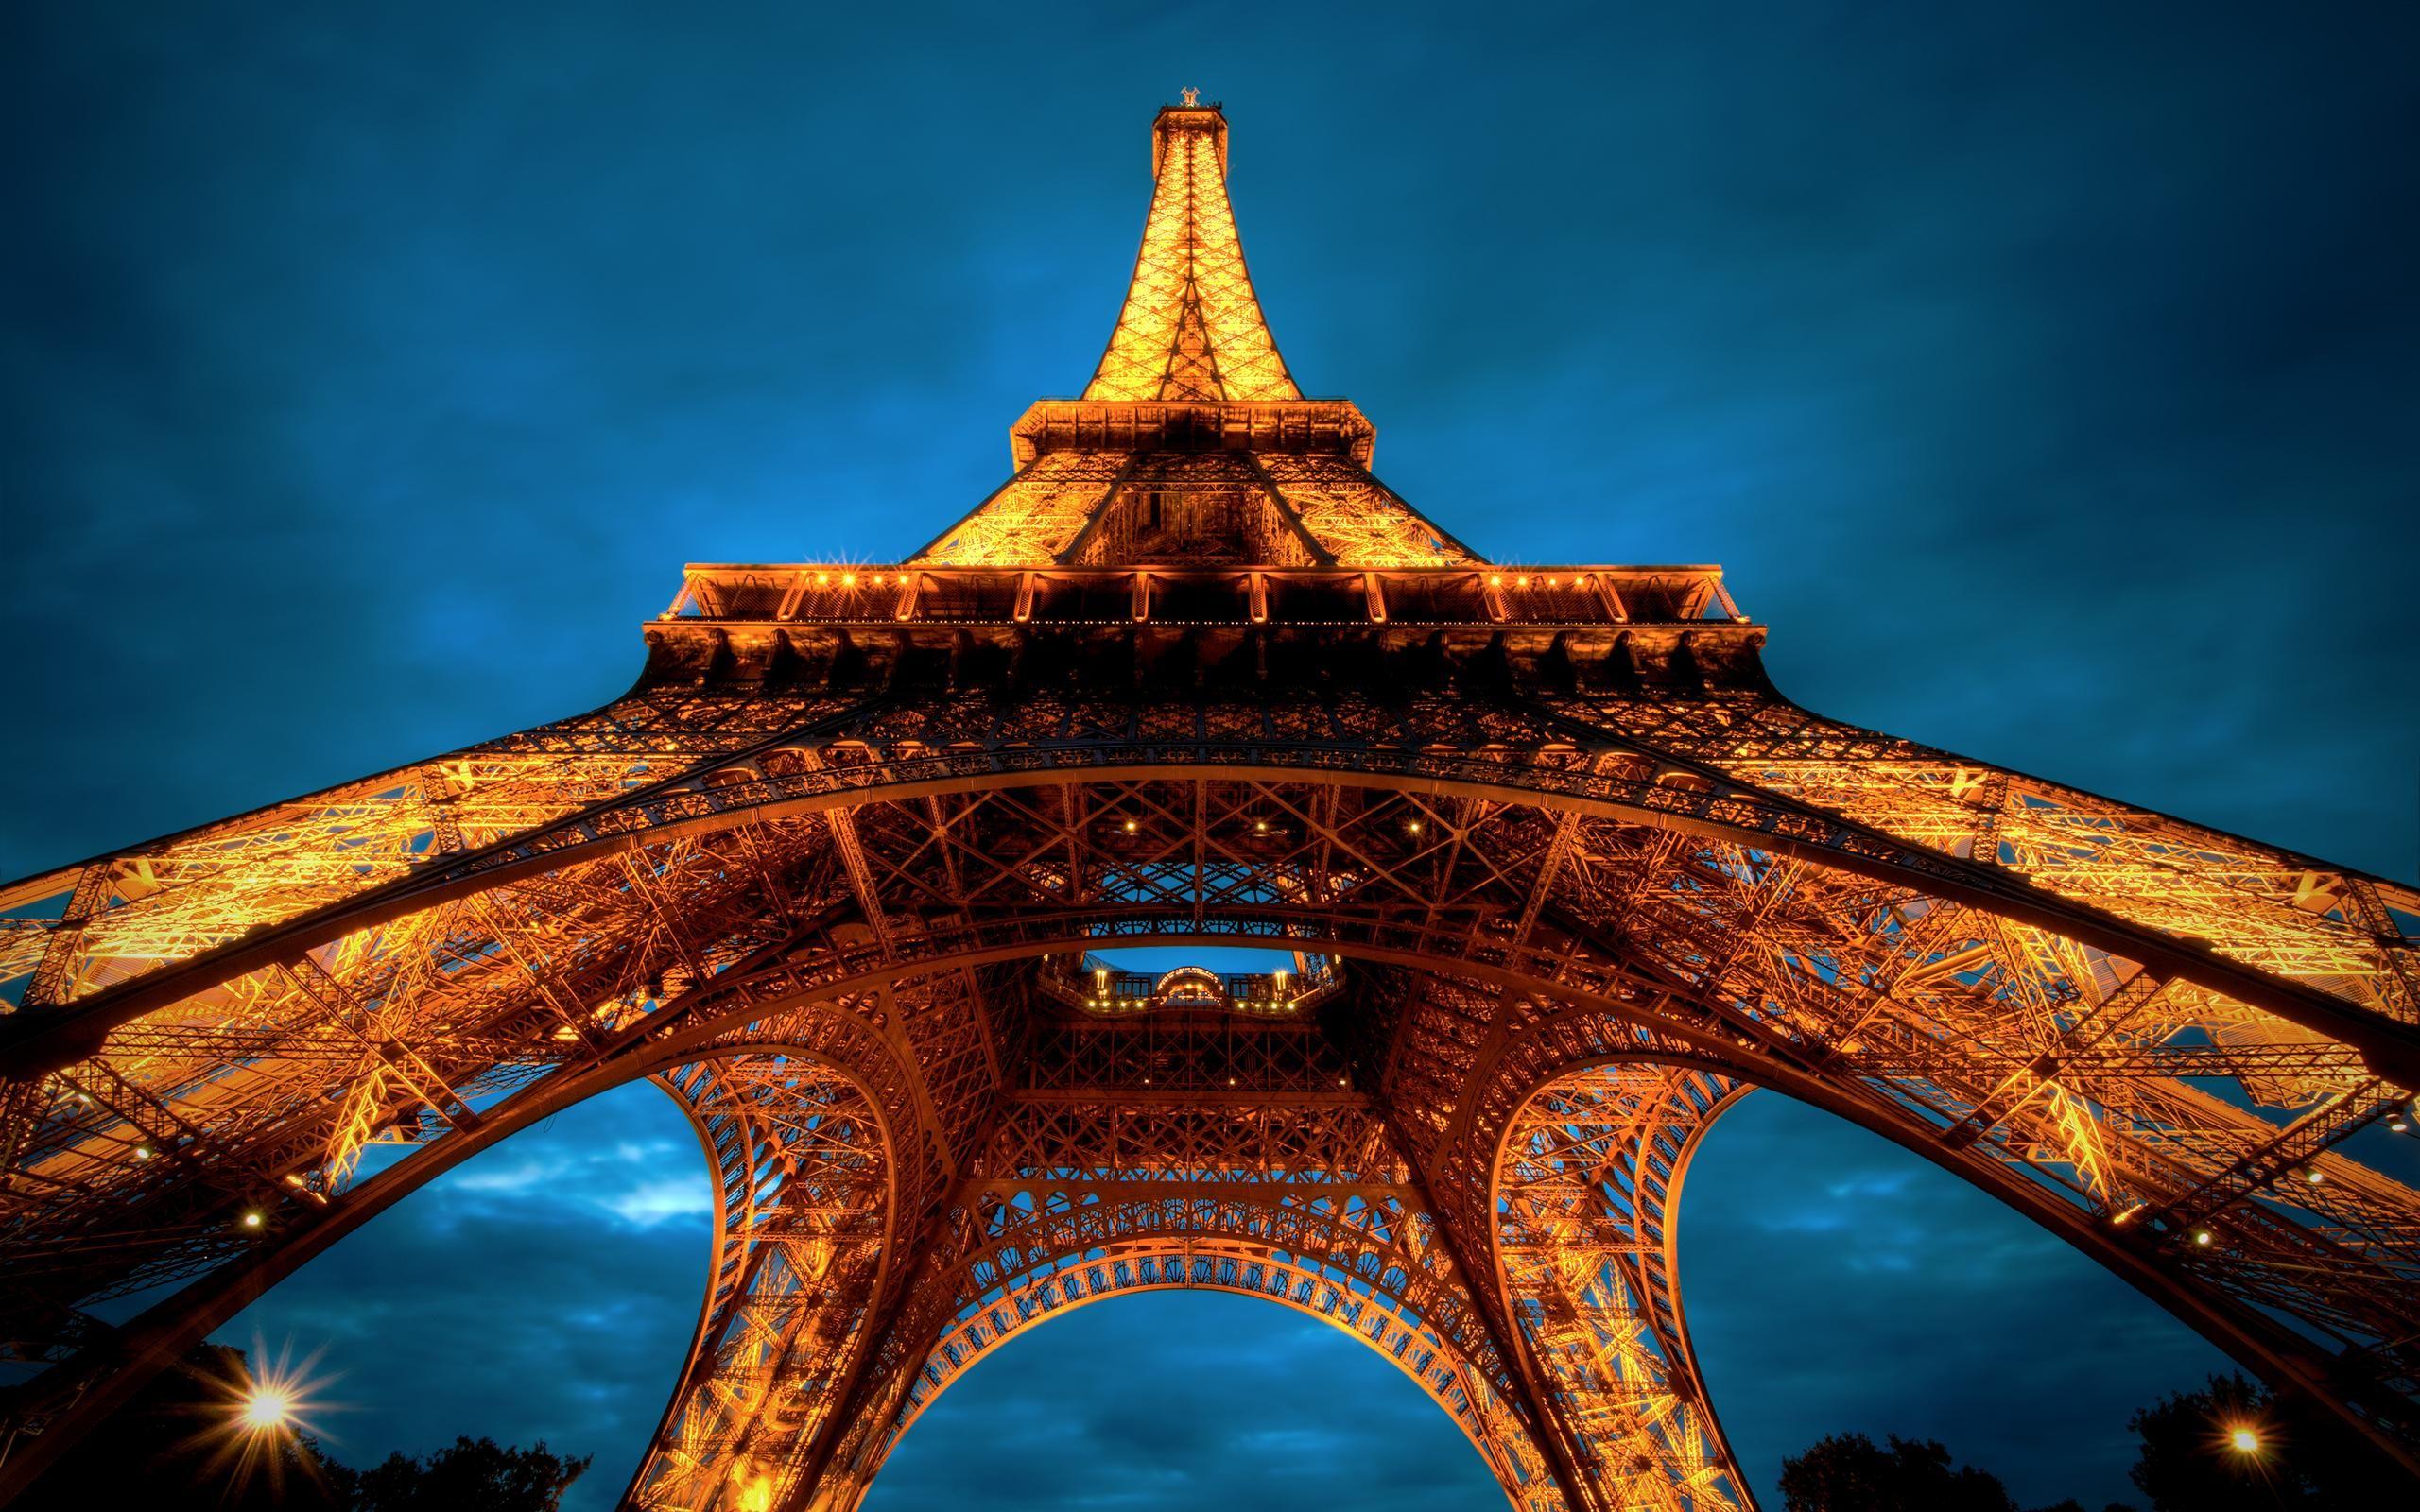 Vue Magnifique Vue Magnifique Sous La Tour Eiffel Fonds Décran